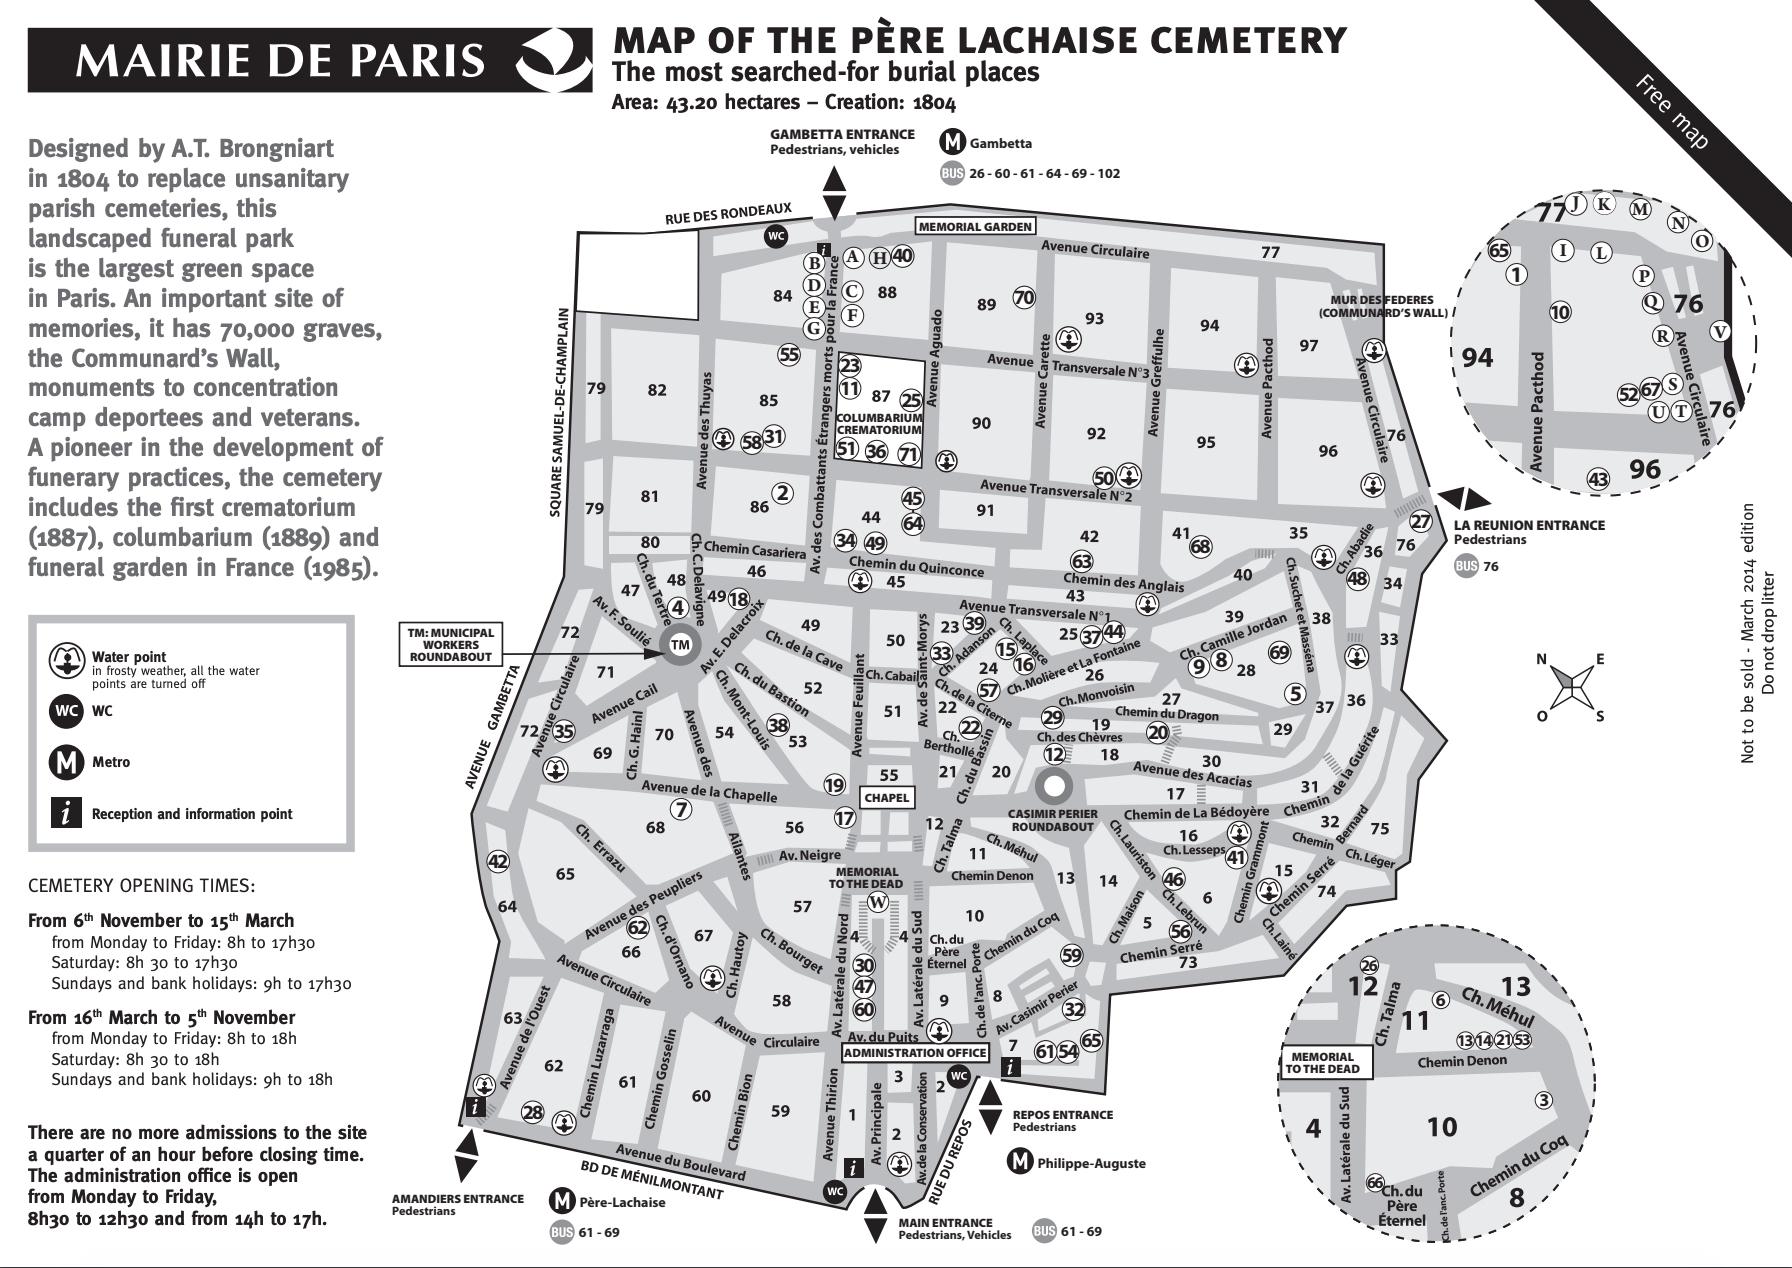 Кладбище Пер-Лашез. Поробная карта с координатами